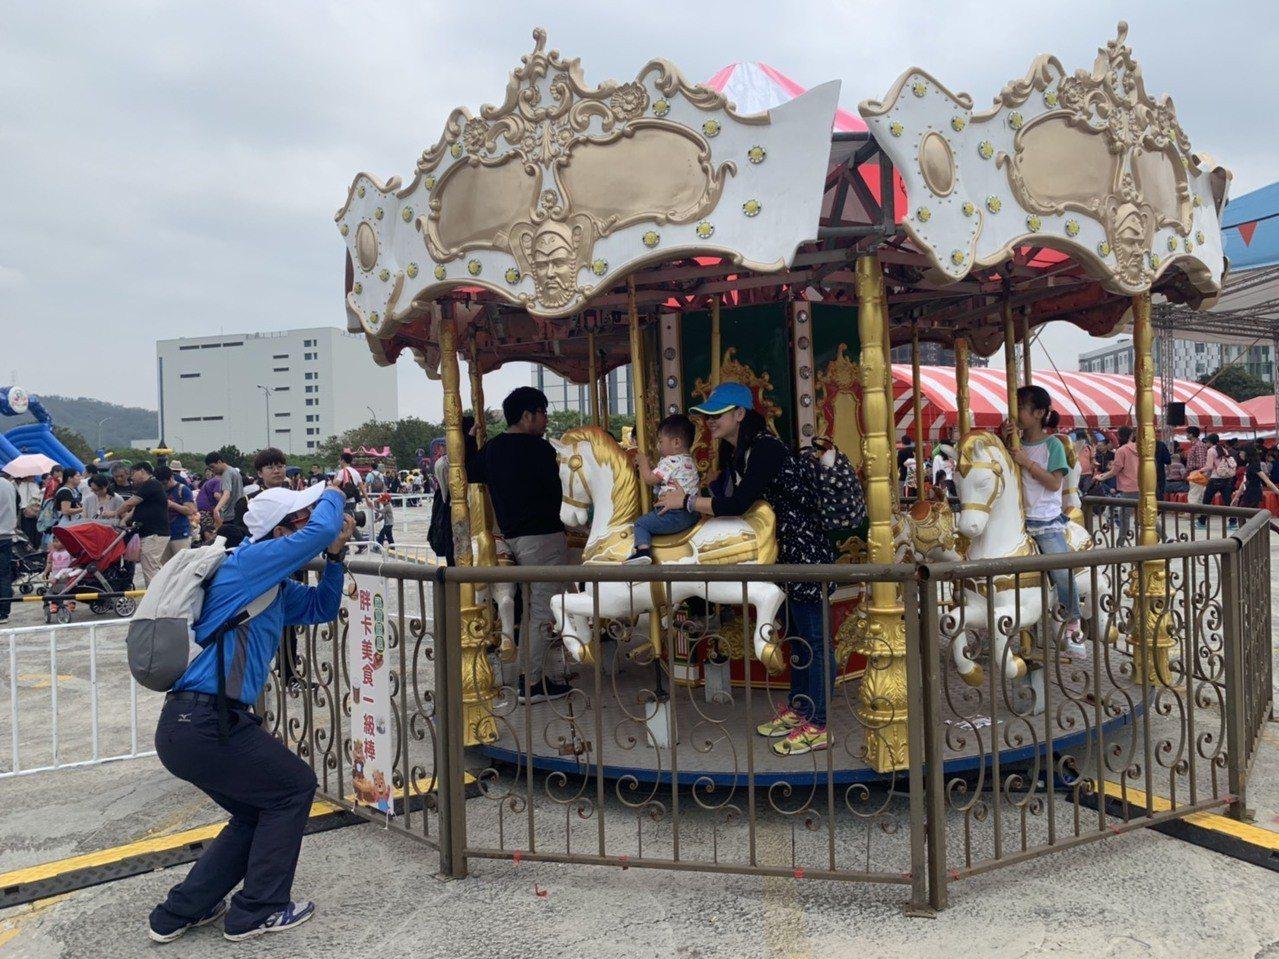 新竹縣竹北市公所從今天起至6日舉辦為期三天的兒童節活動「藝想世界、童趣十竹」活動...